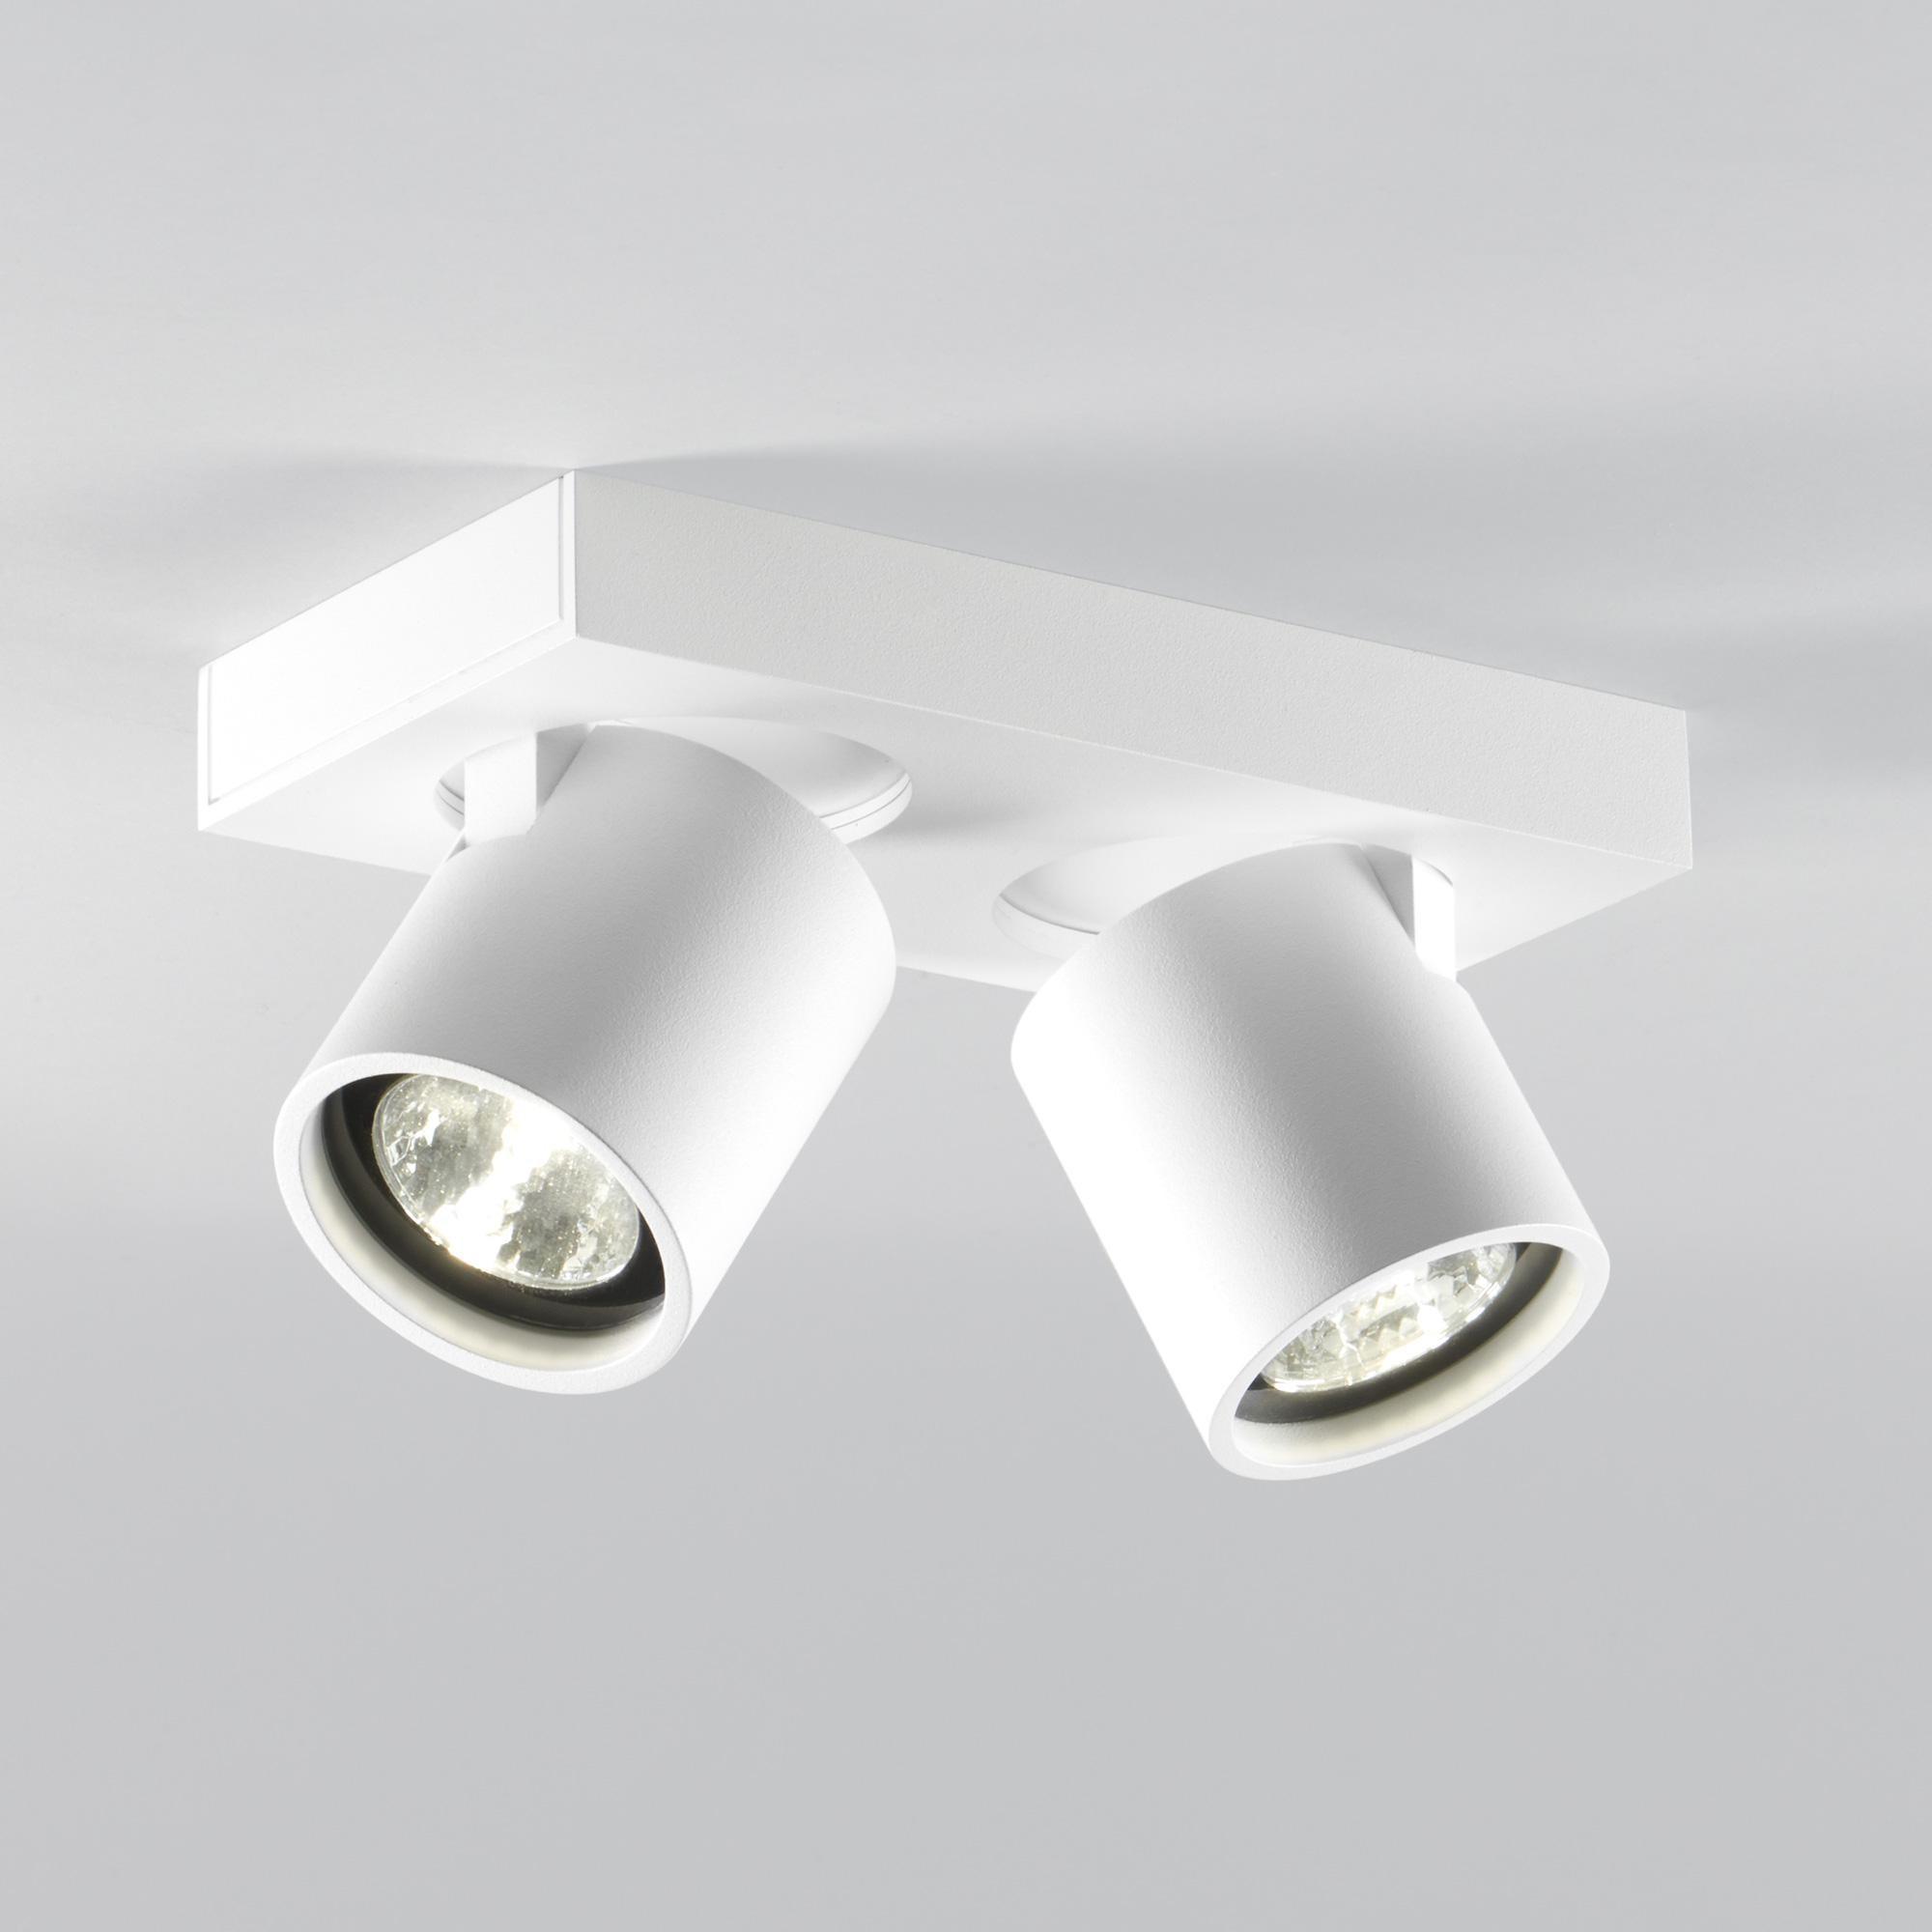 Light Point Focus Mini 2 Led Ceiling